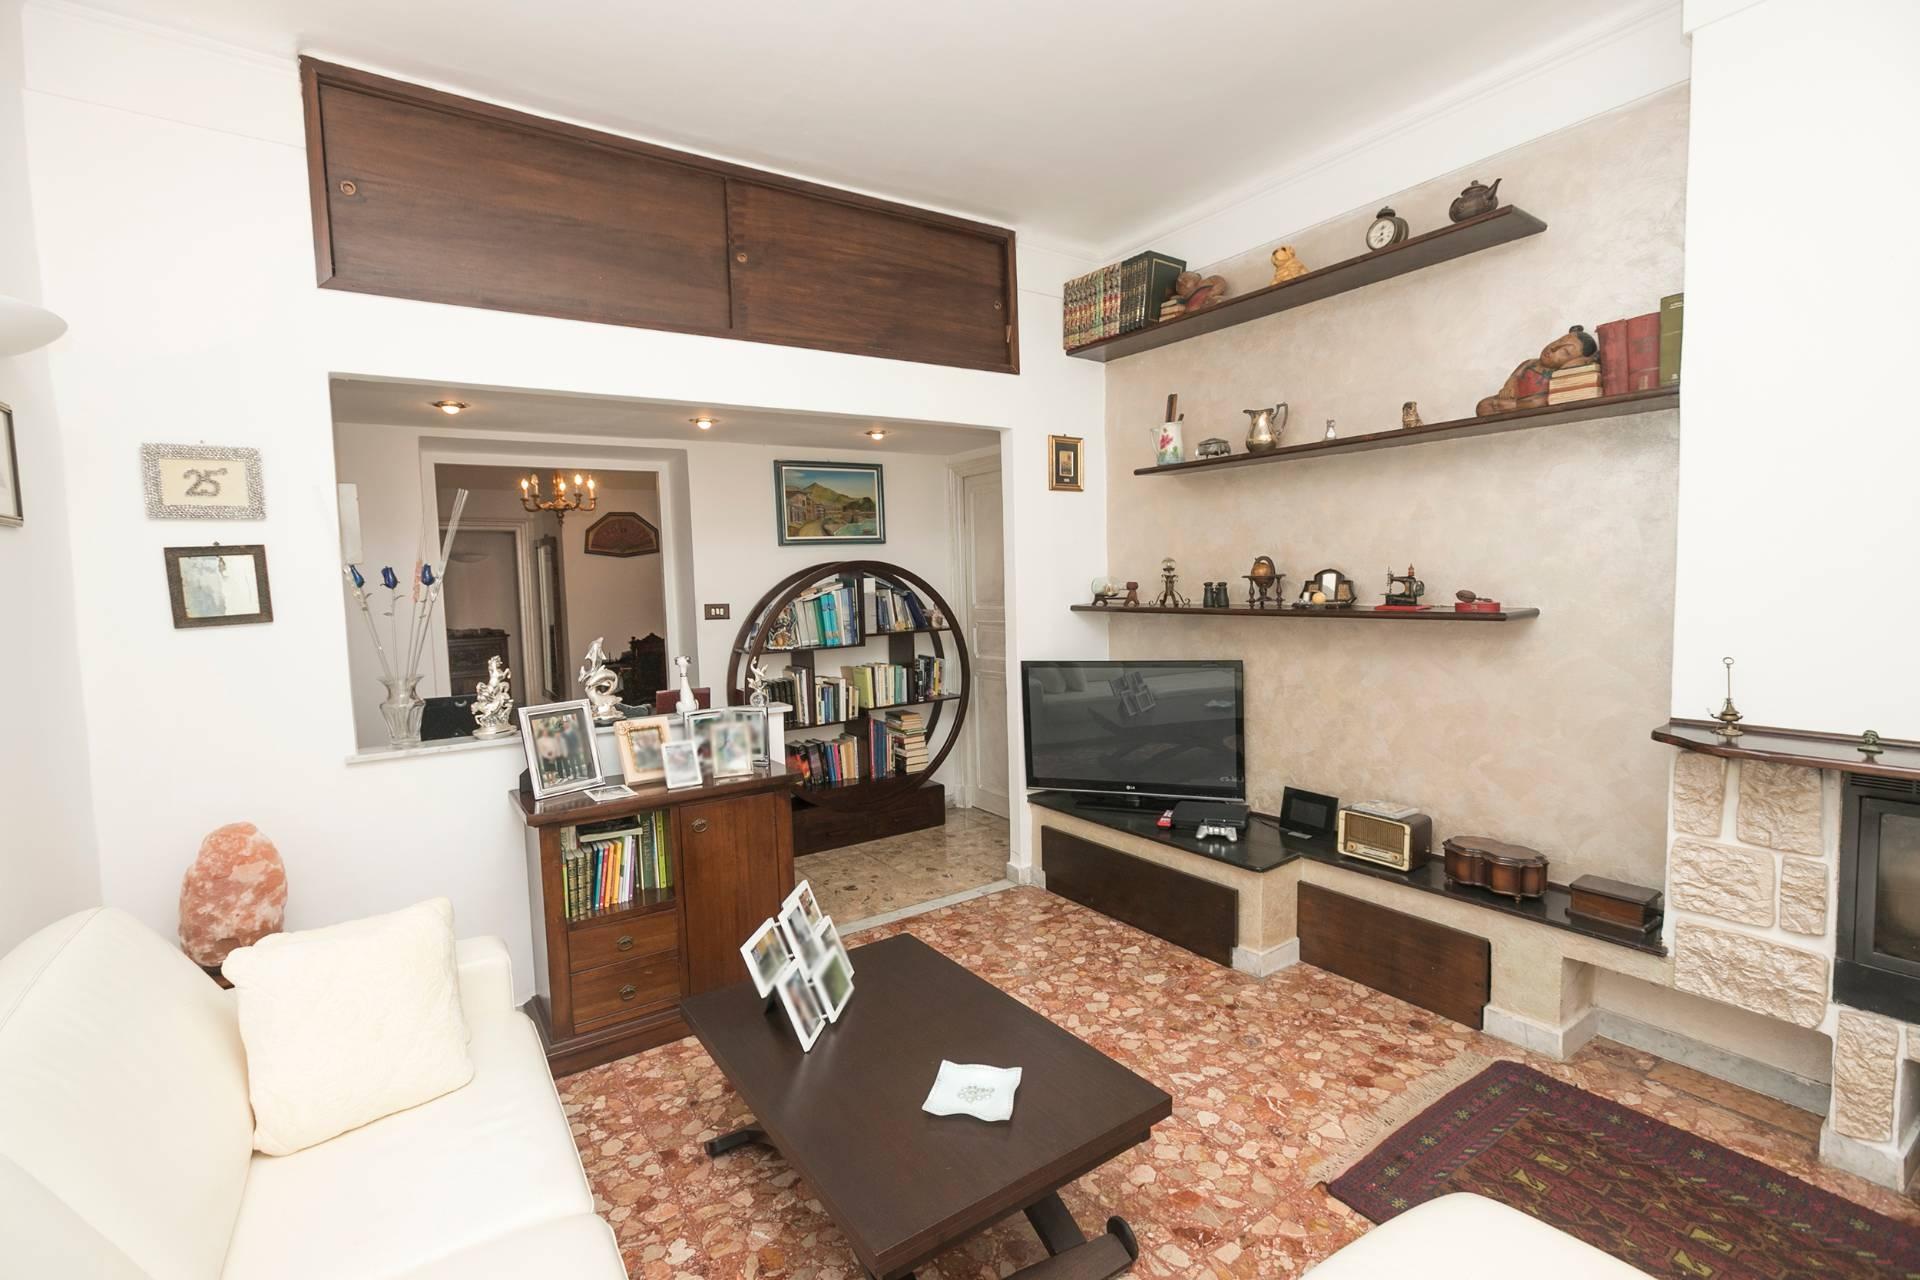 Annunci immobiliari inserzionista immobiliare le riviere s for Piani di casa cottage quattro camere da letto